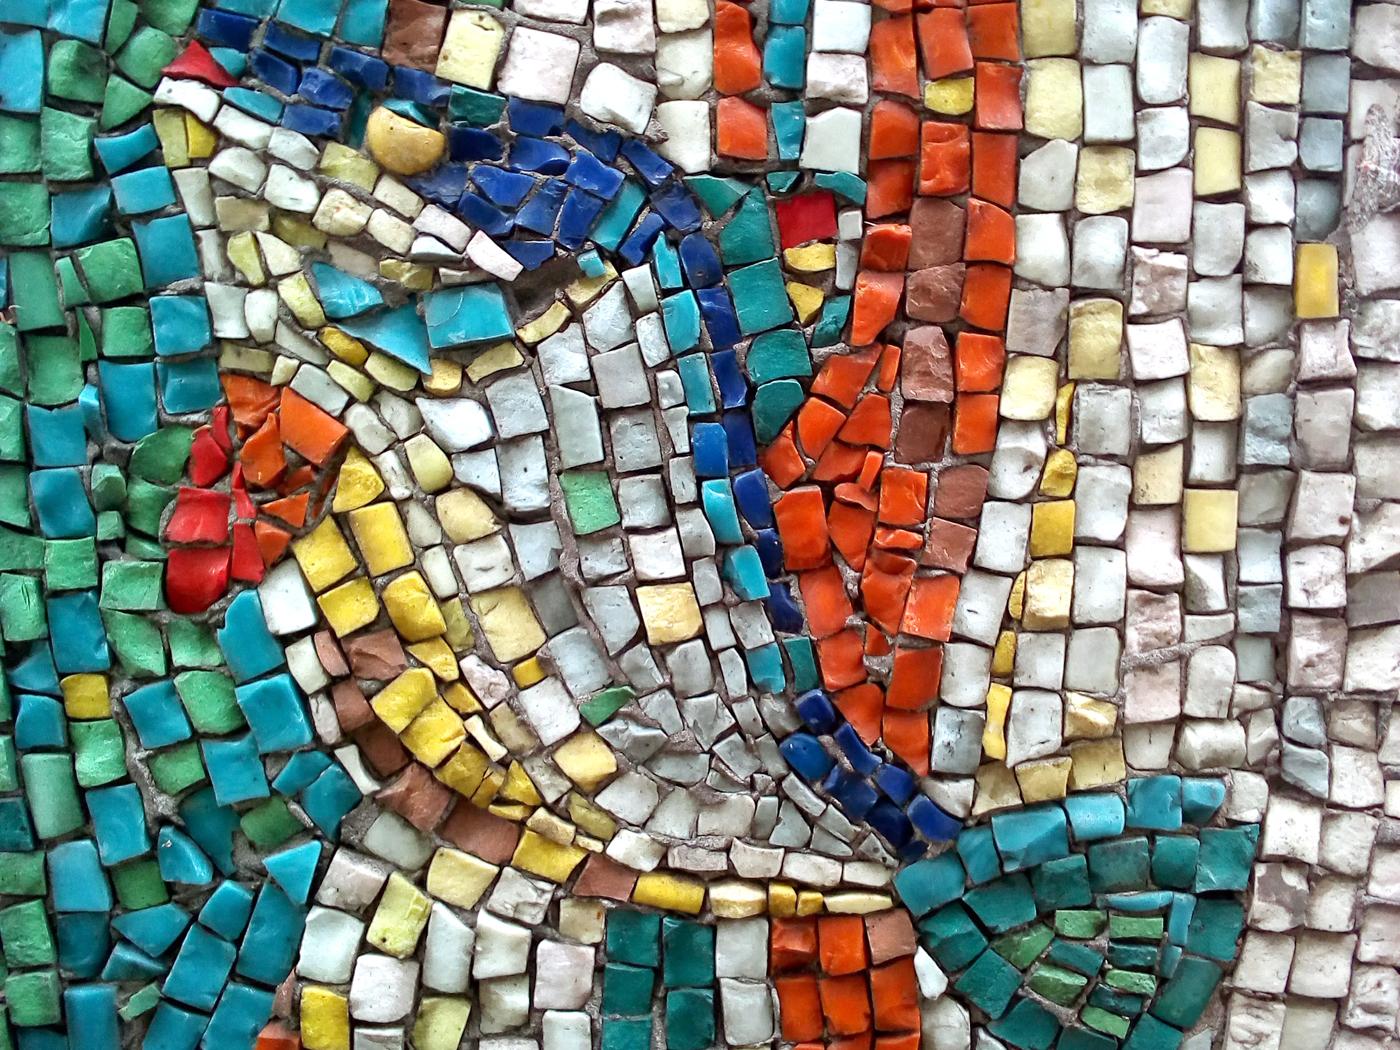 Луцькі мозаїки: призабуте мистецтво у пострадянському міському просторі